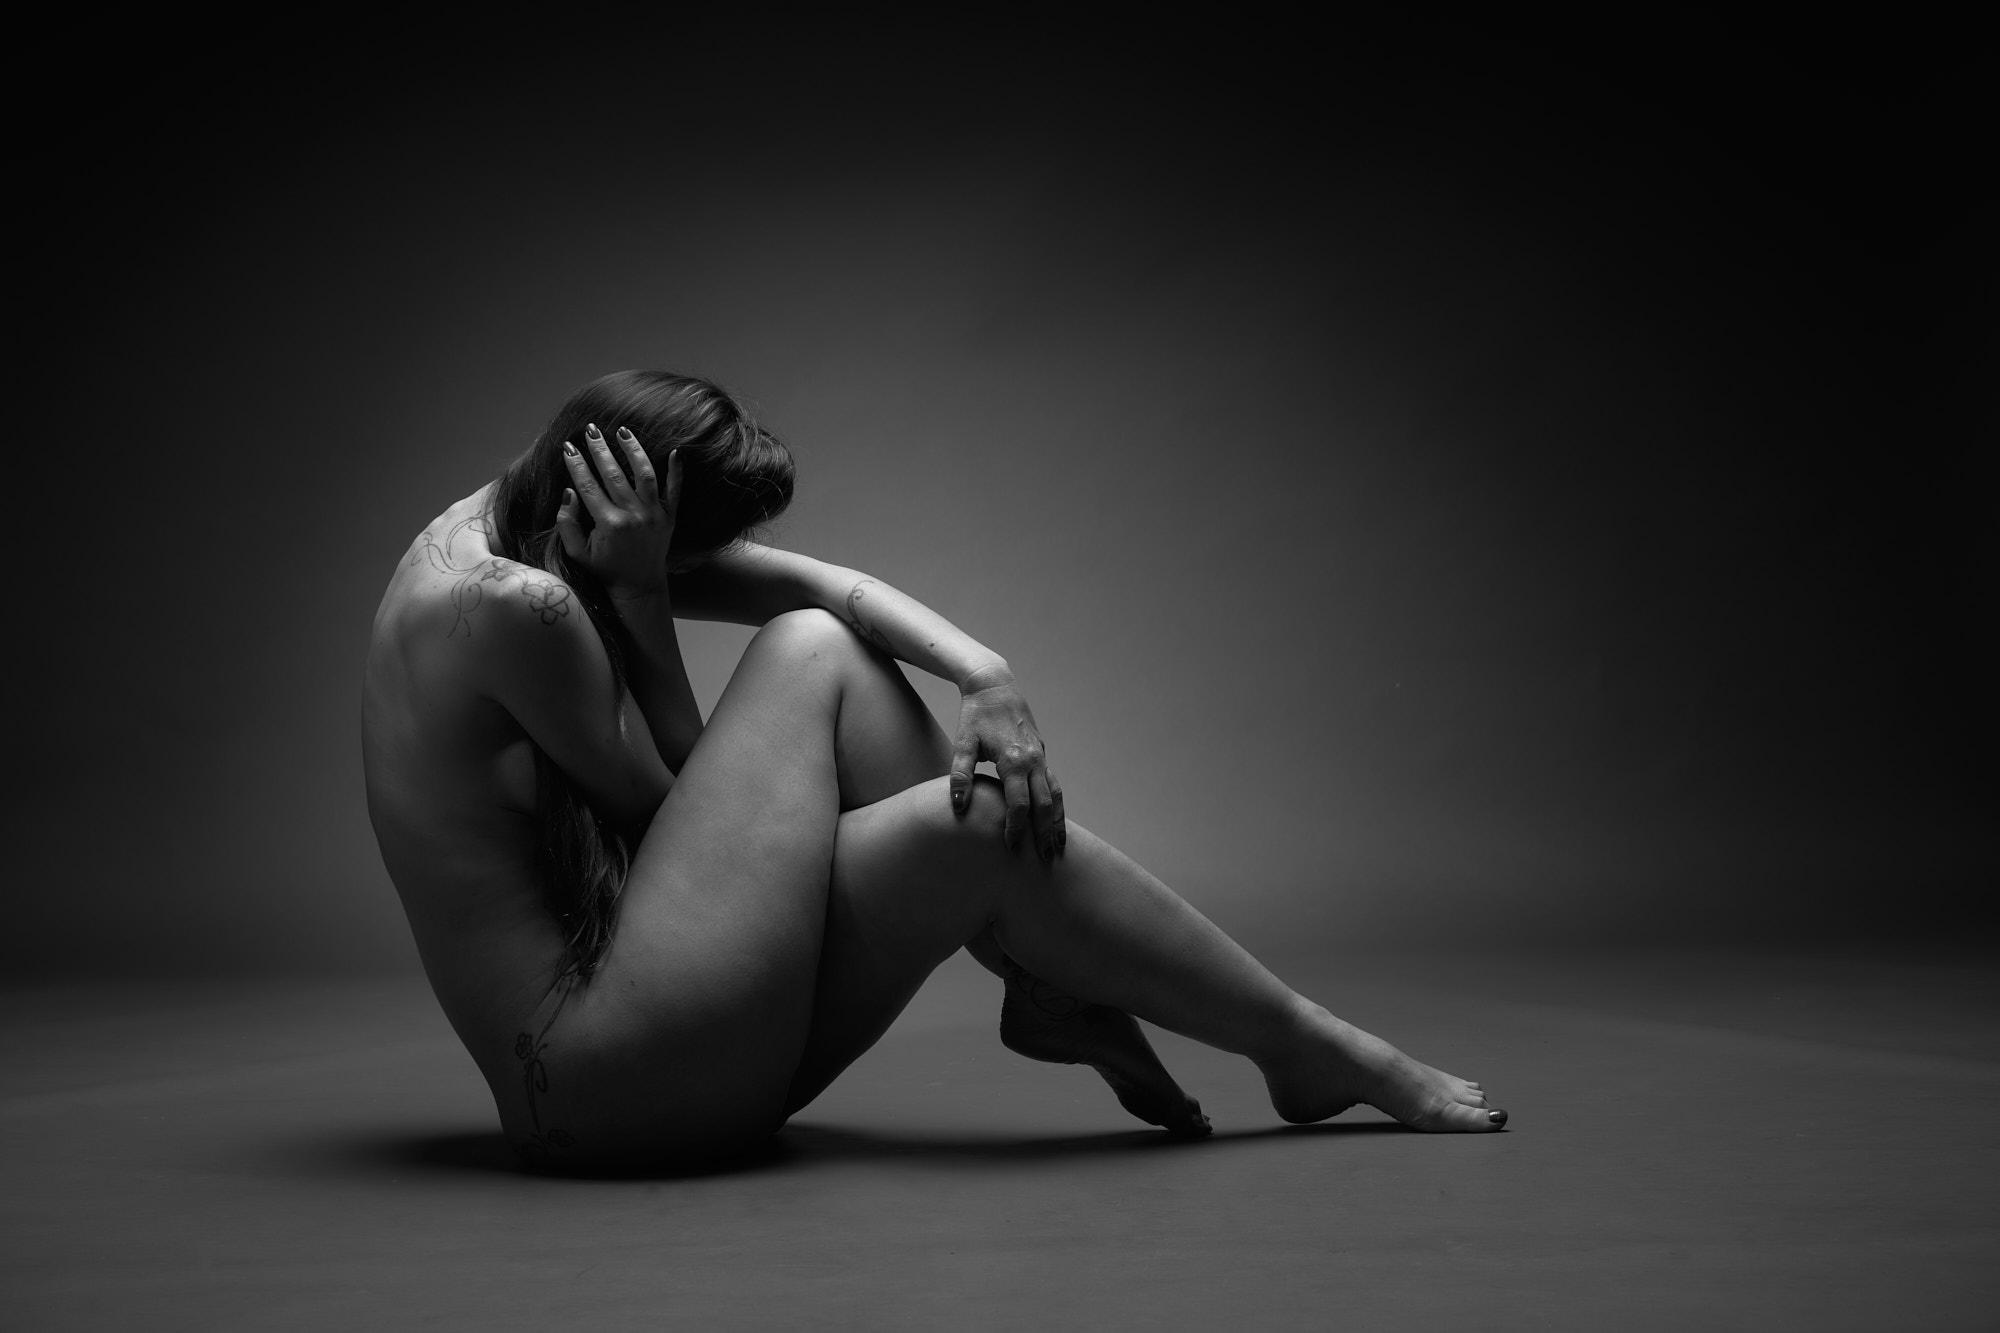 Femme assise au sol, nue